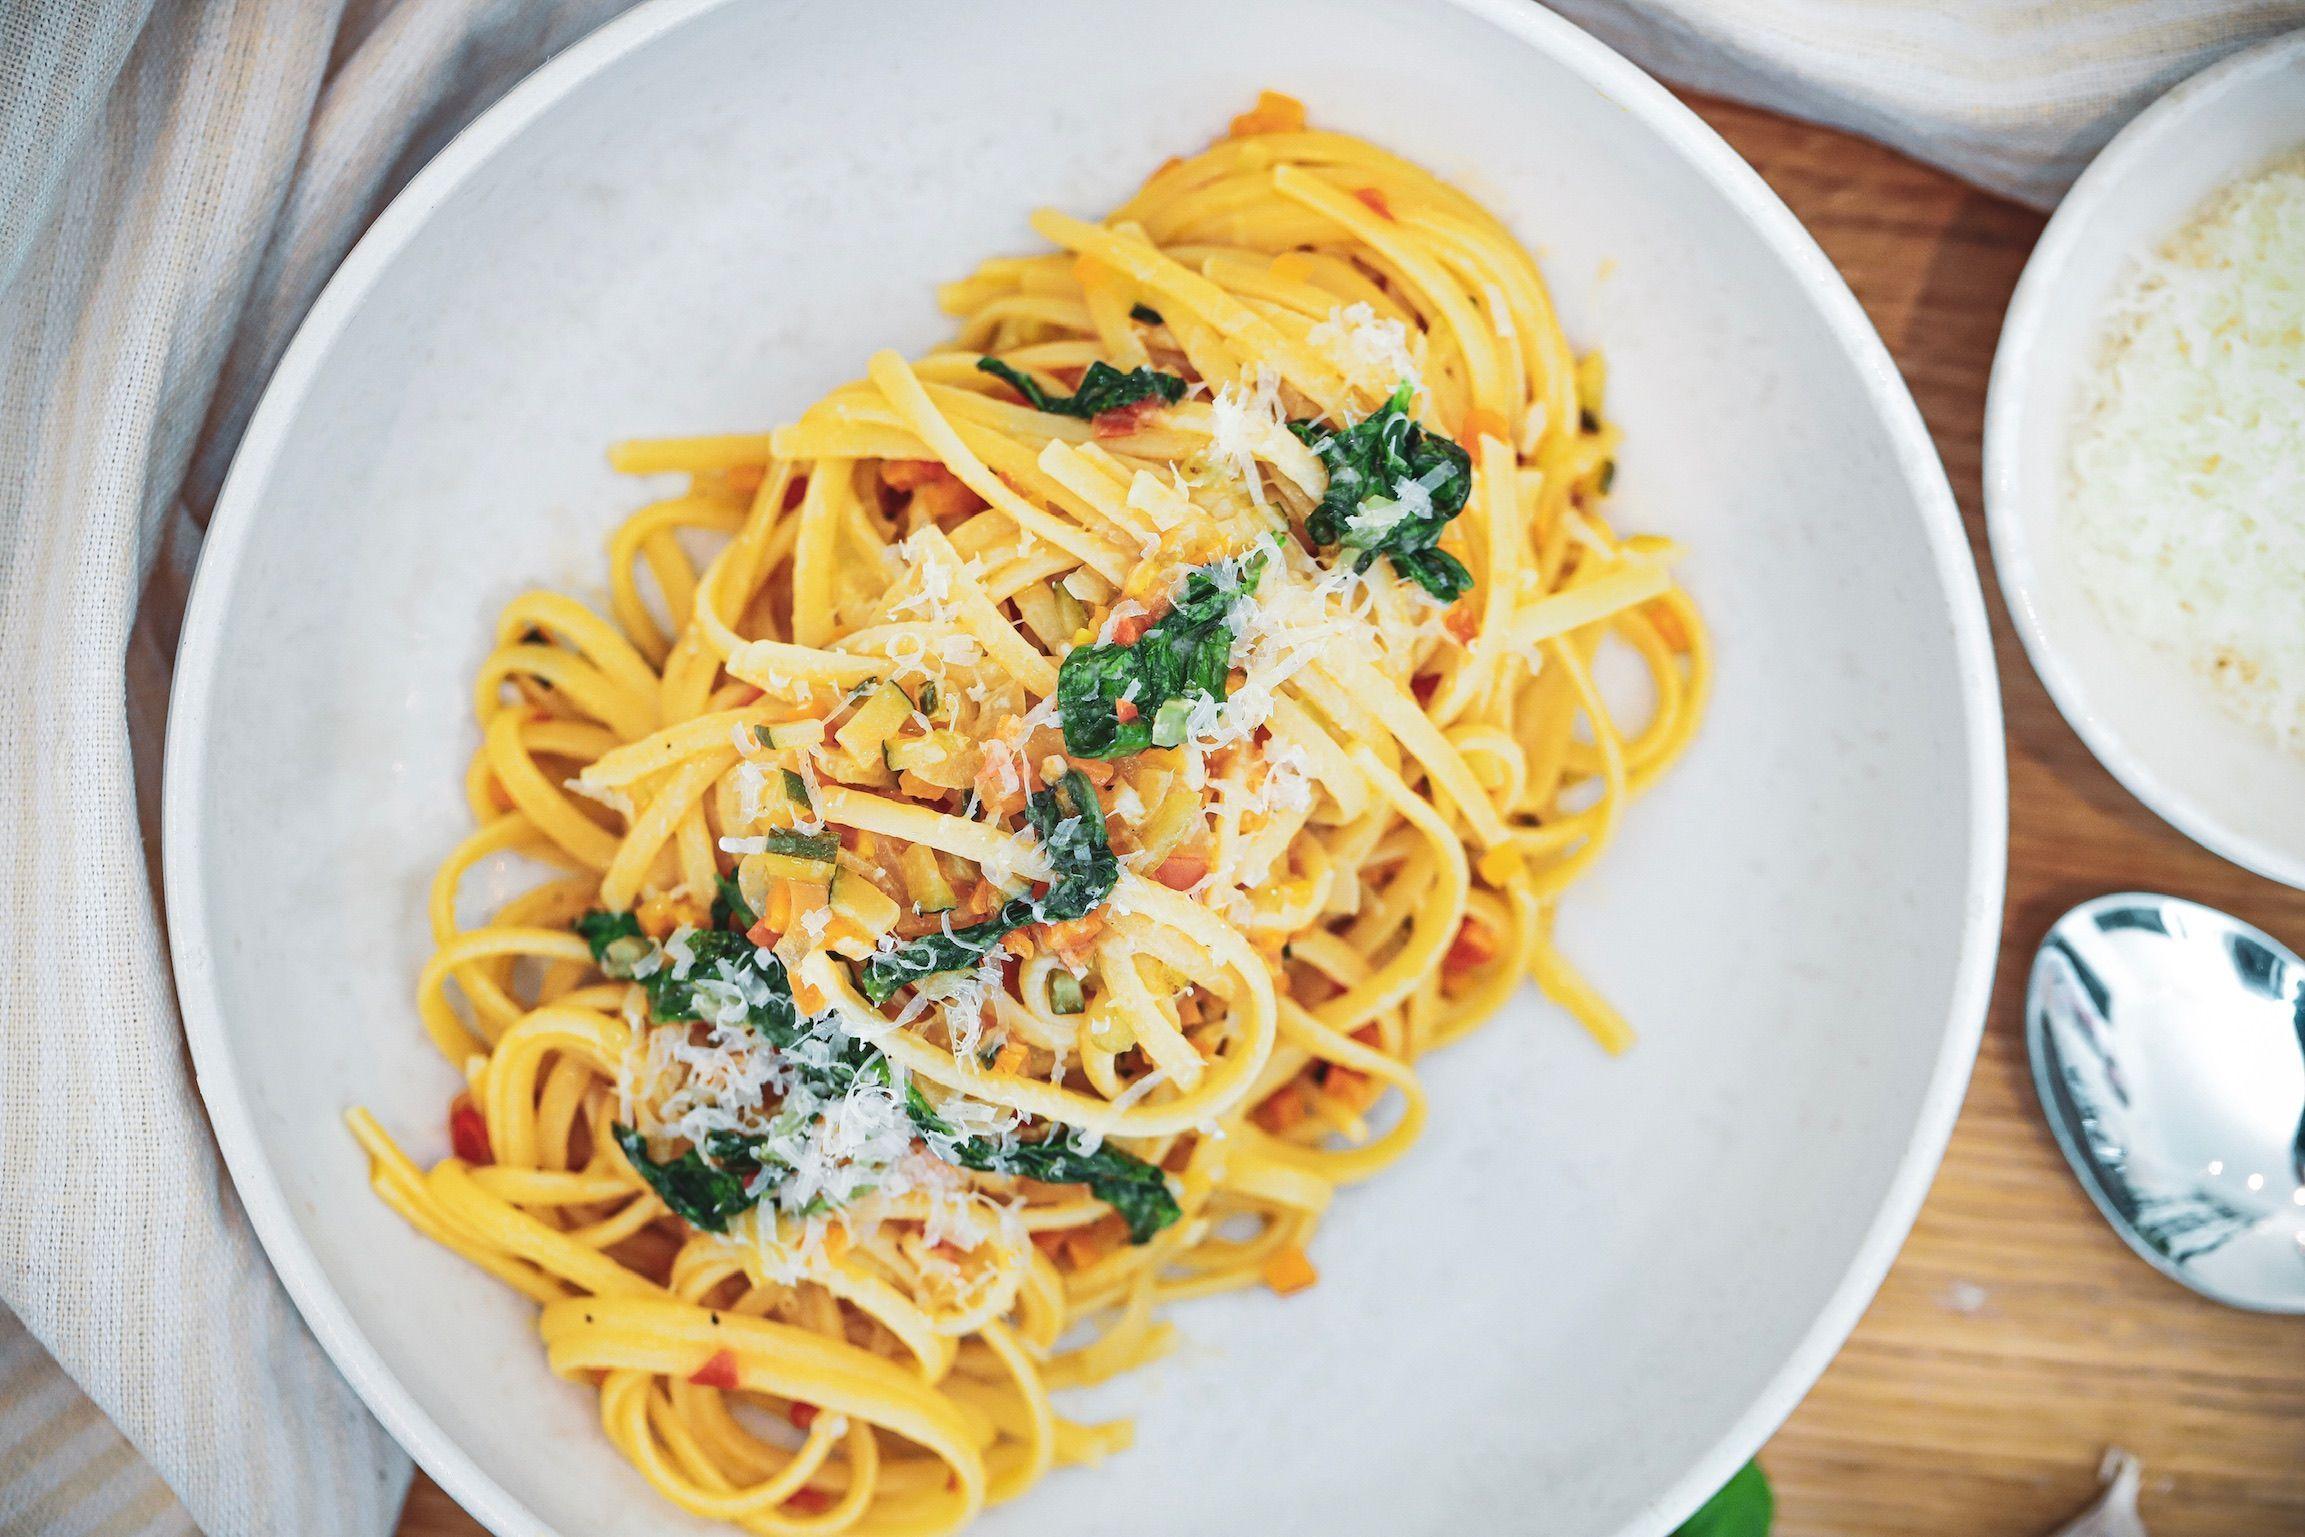 Pasta med grøntsagssauce #vegetaropskrifter Opskrift på en nem og virkelig lækker vegetar pasta med en velsmagende grøntsagssauce. #vegetaropskrifter Pasta med grøntsagssauce #vegetaropskrifter Opskrift på en nem og virkelig lækker vegetar pasta med en velsmagende grøntsagssauce. #vegetaropskrifter Pasta med grøntsagssauce #vegetaropskrifter Opskrift på en nem og virkelig lækker vegetar pasta med en velsmagende grøntsagssauce. #vegetaropskrifter Pasta med grøntsagssauce #vegetaropsk #vegetaropskrifter